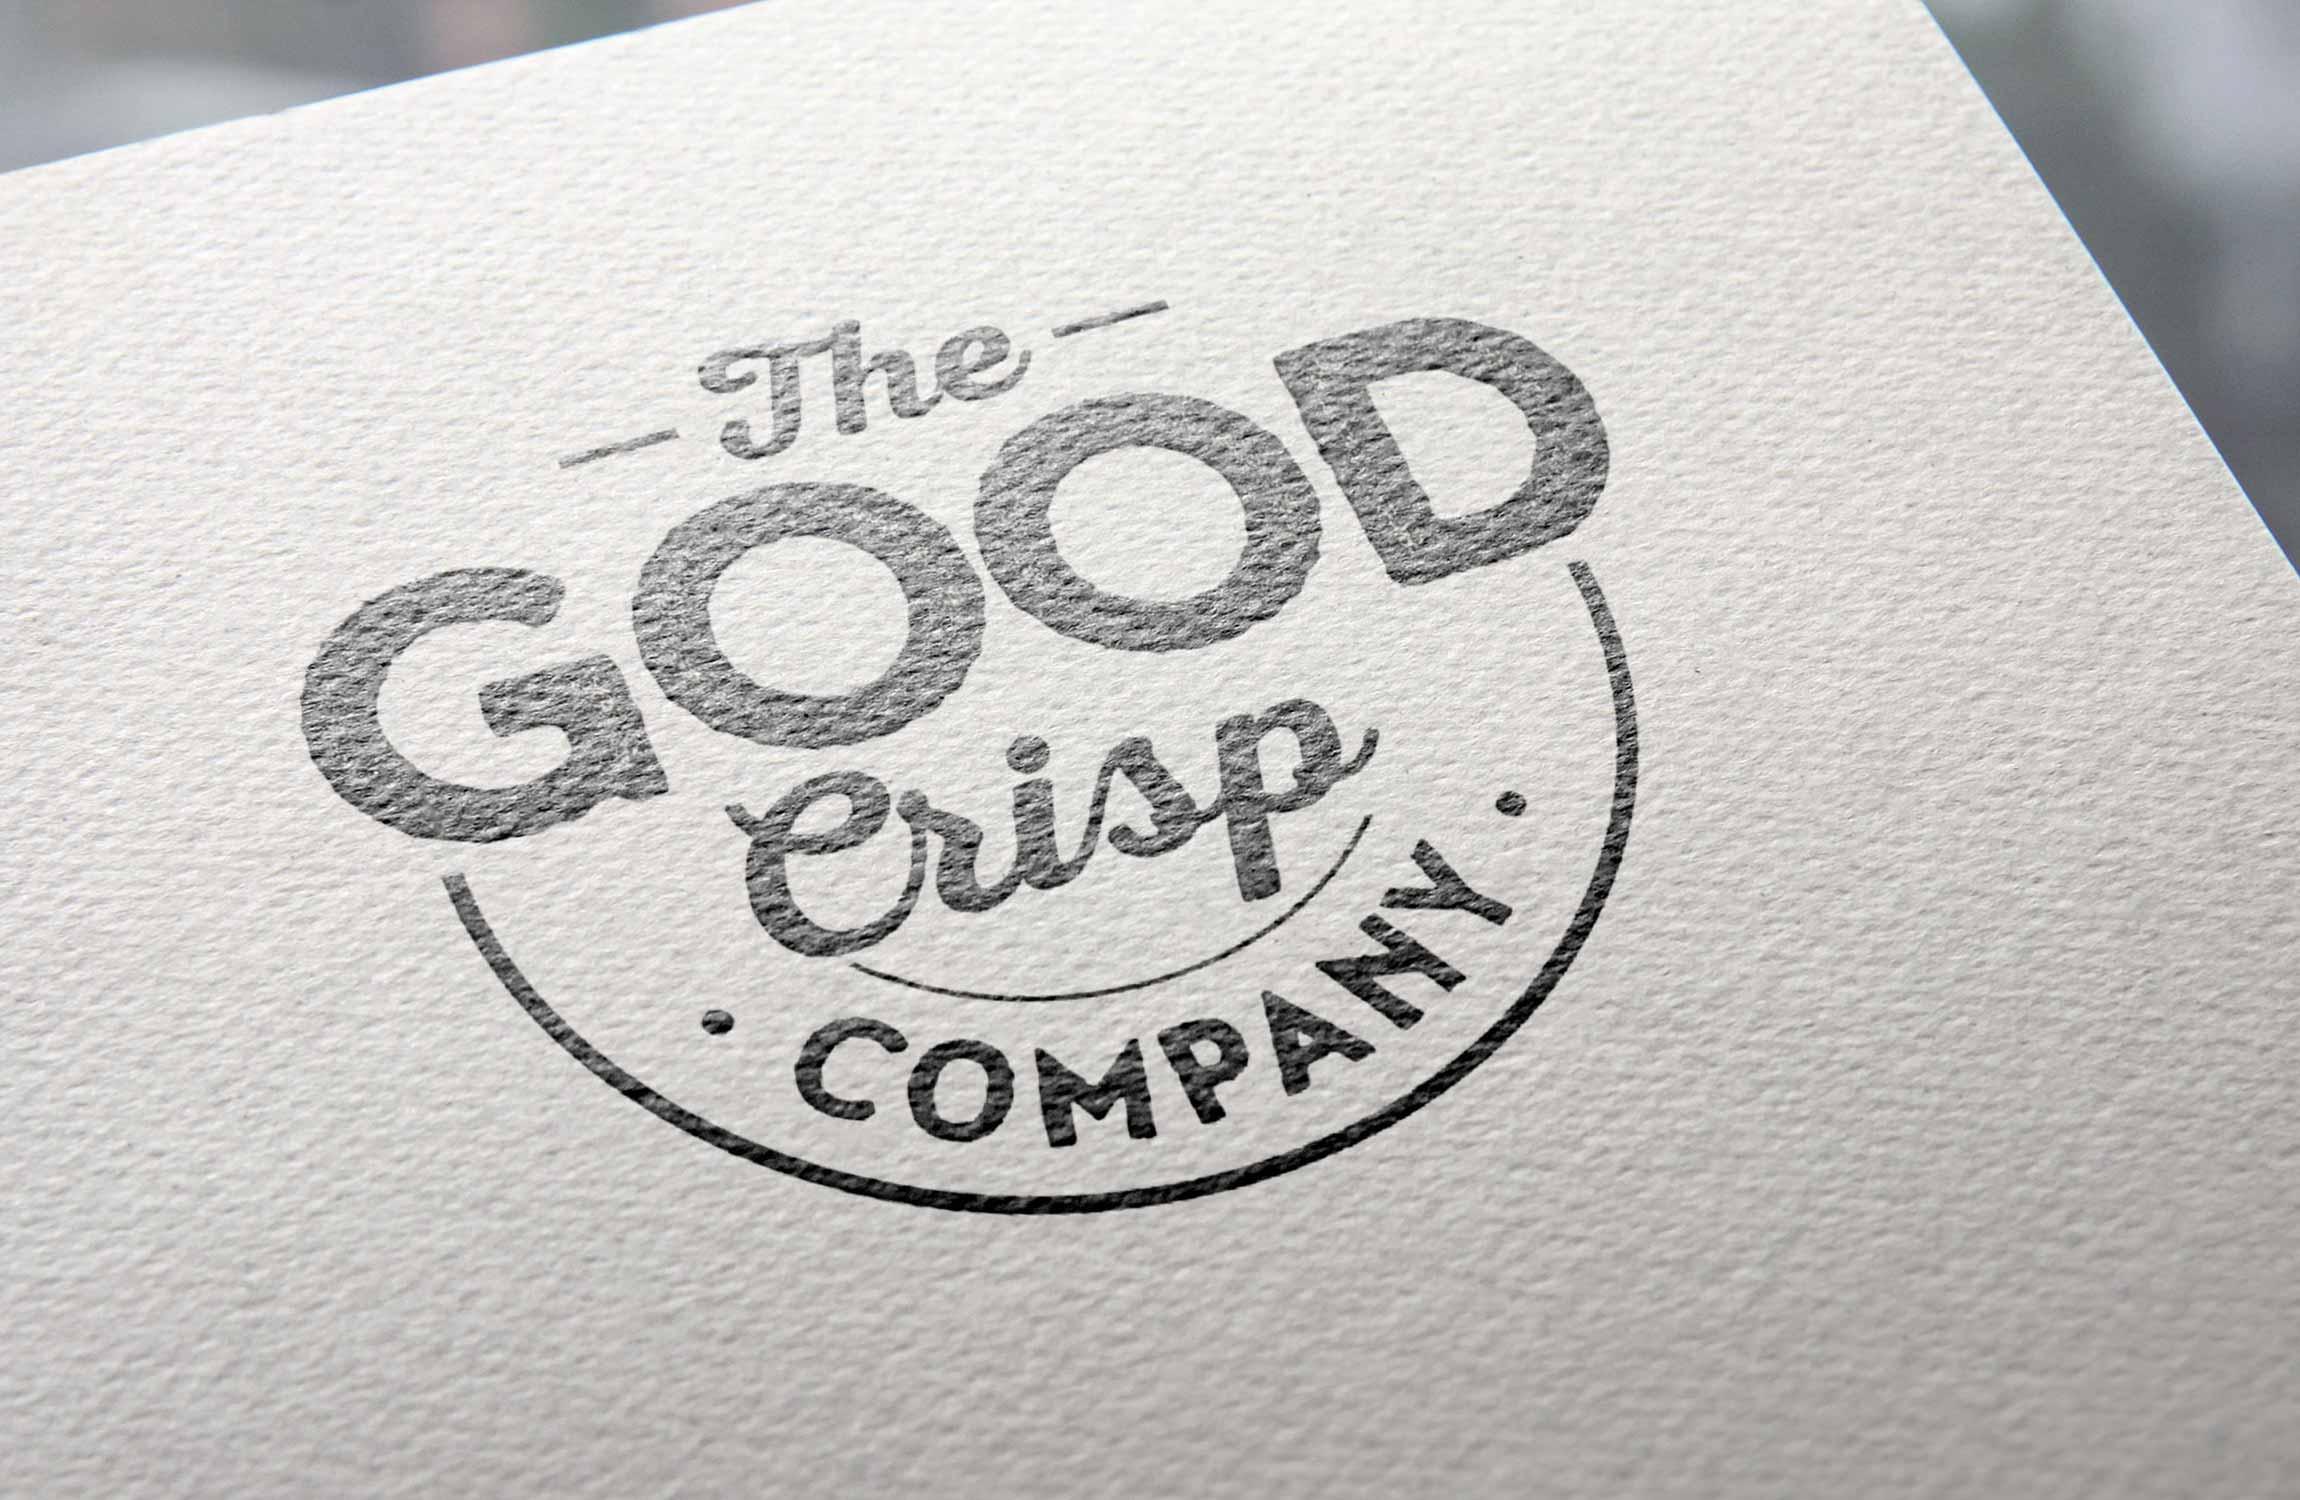 The Good Crisp Co Branding